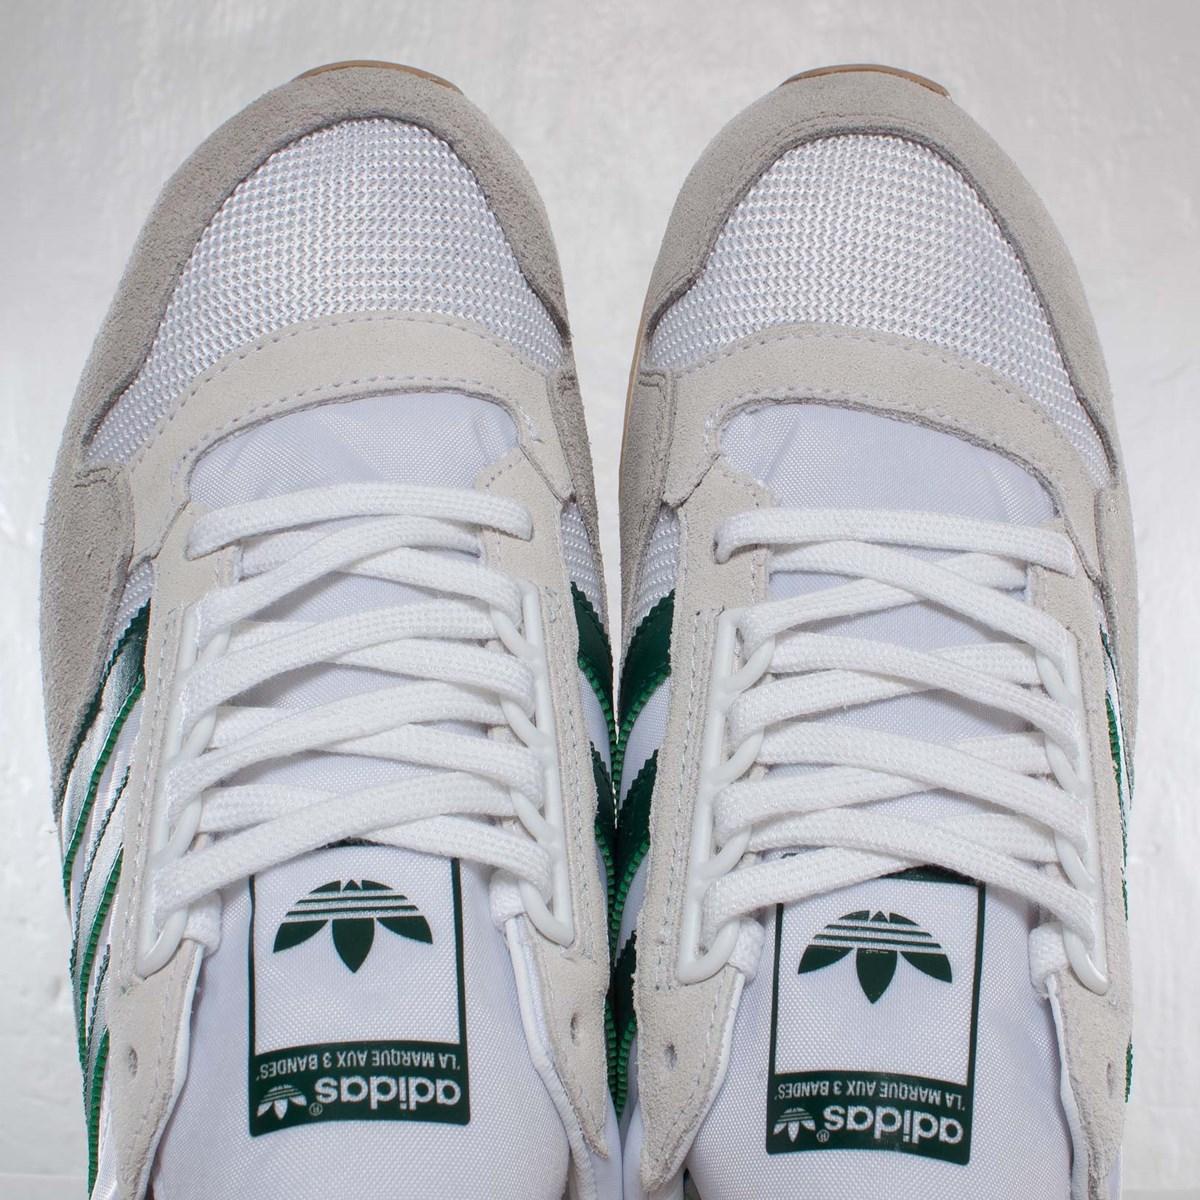 hot sale online a5ee0 af8ab adidas ZX 500 OG UA - Q33994 - Sneakersnstuff   sneakers ...